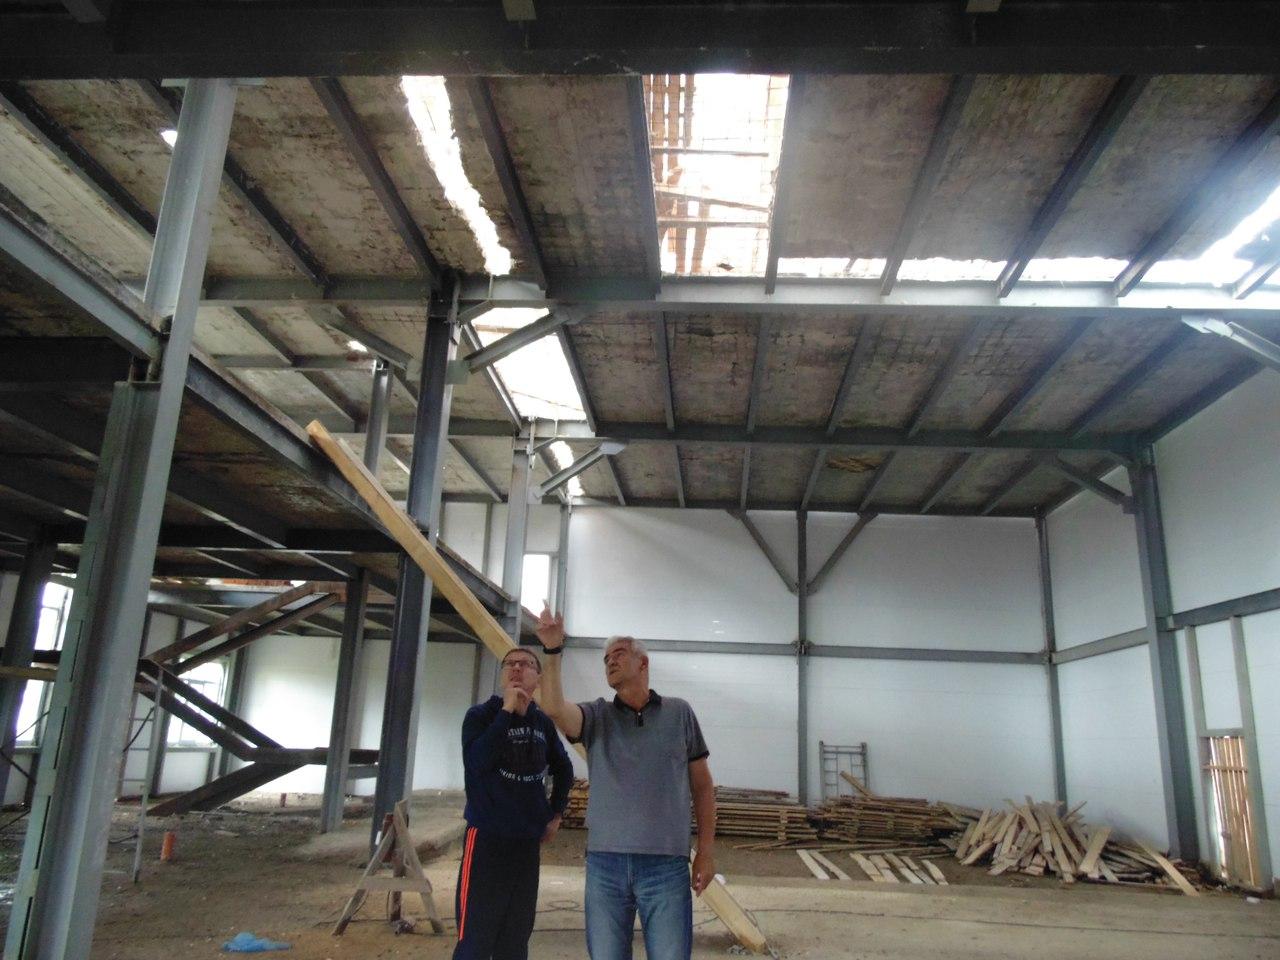 Строительство социально-культурного центра в Пажге откладывается из-за судебных тяжб